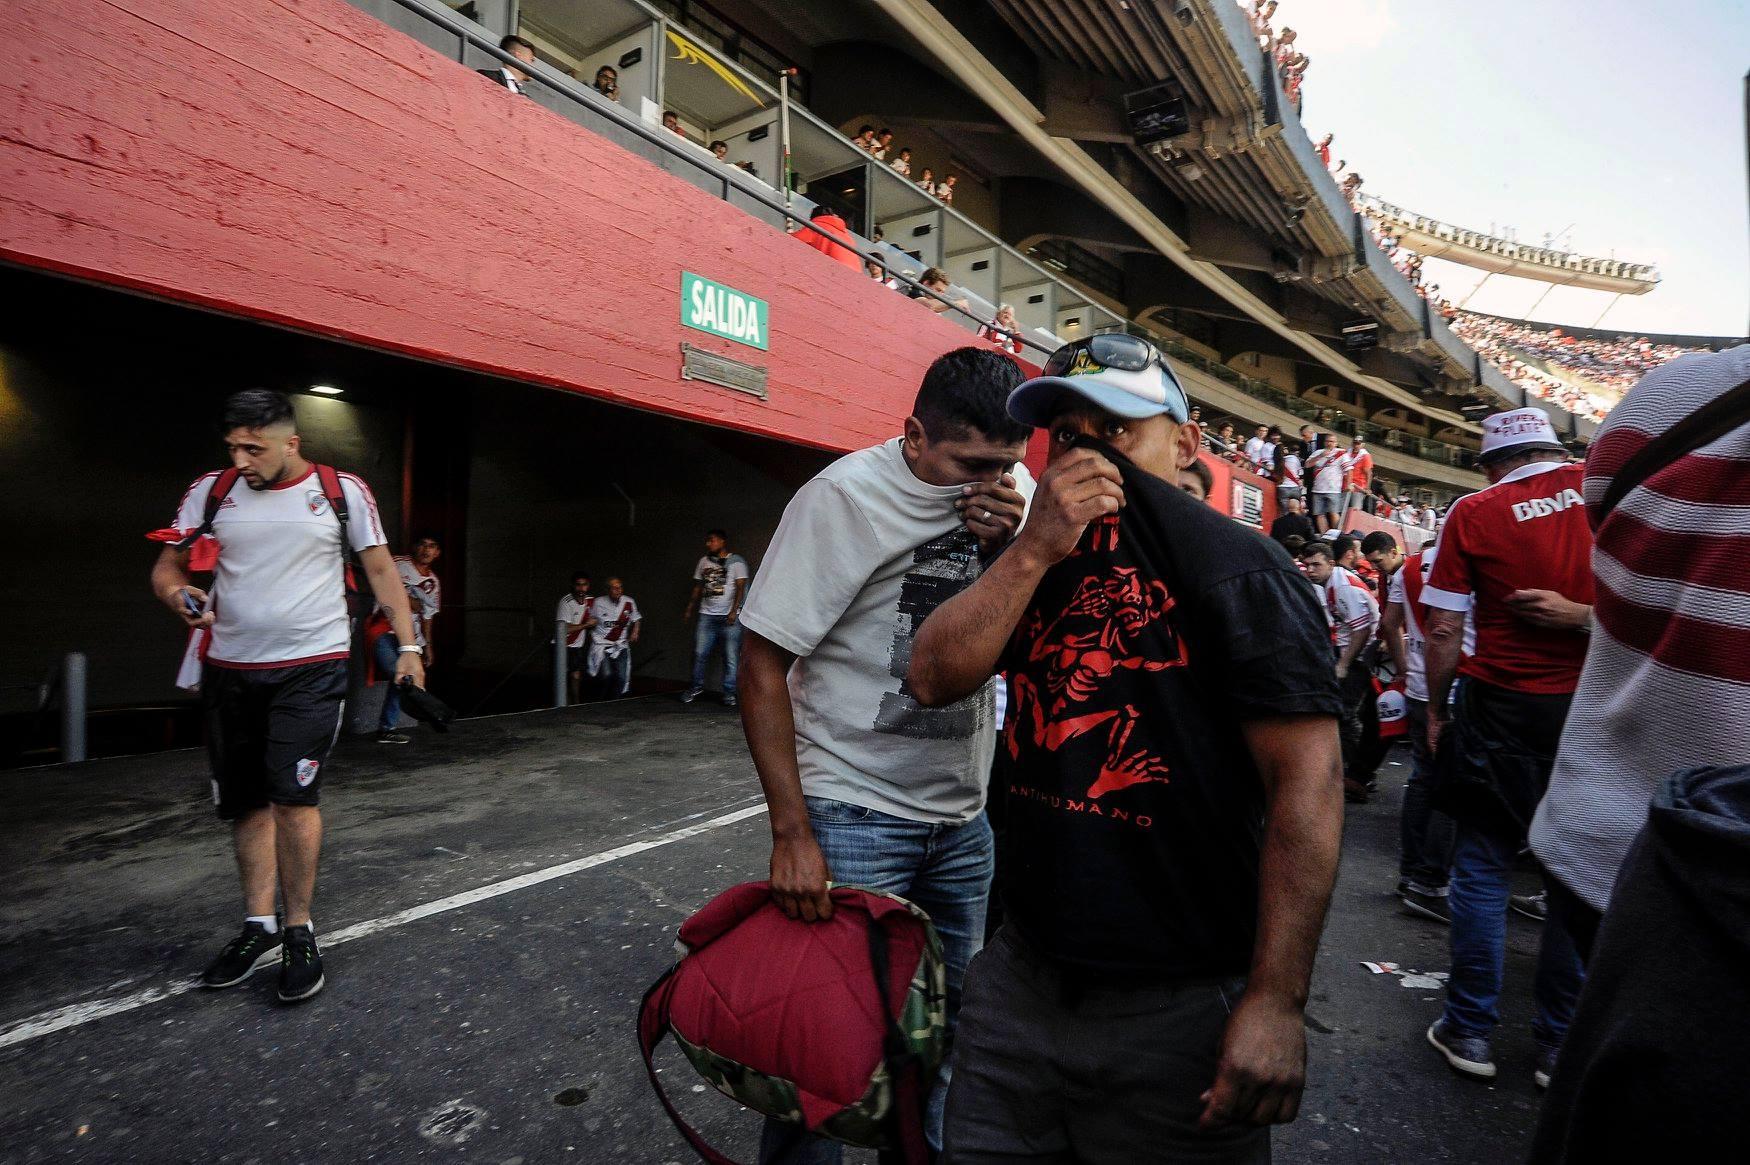 Fans River Palate tấn công Boca - Bóng Đá